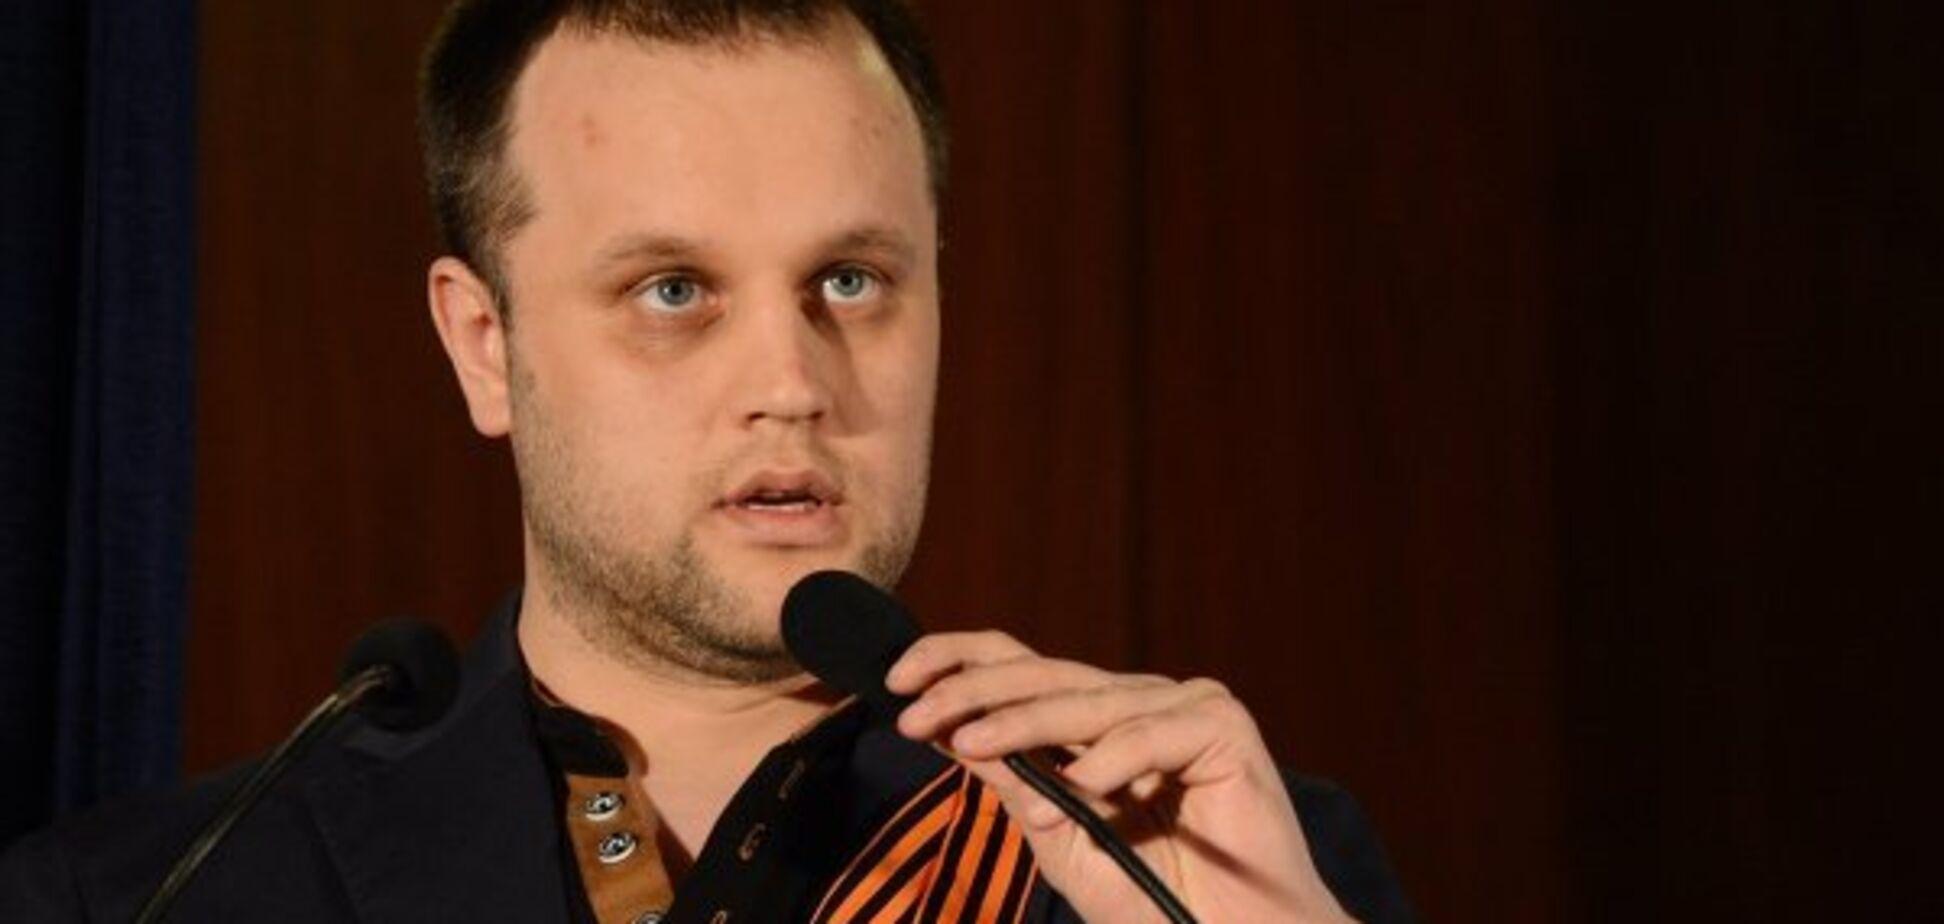 ''Вибори'' ватажка ''ДНР'': підтримуваний Кремлем кандидат несподівано ''злився''